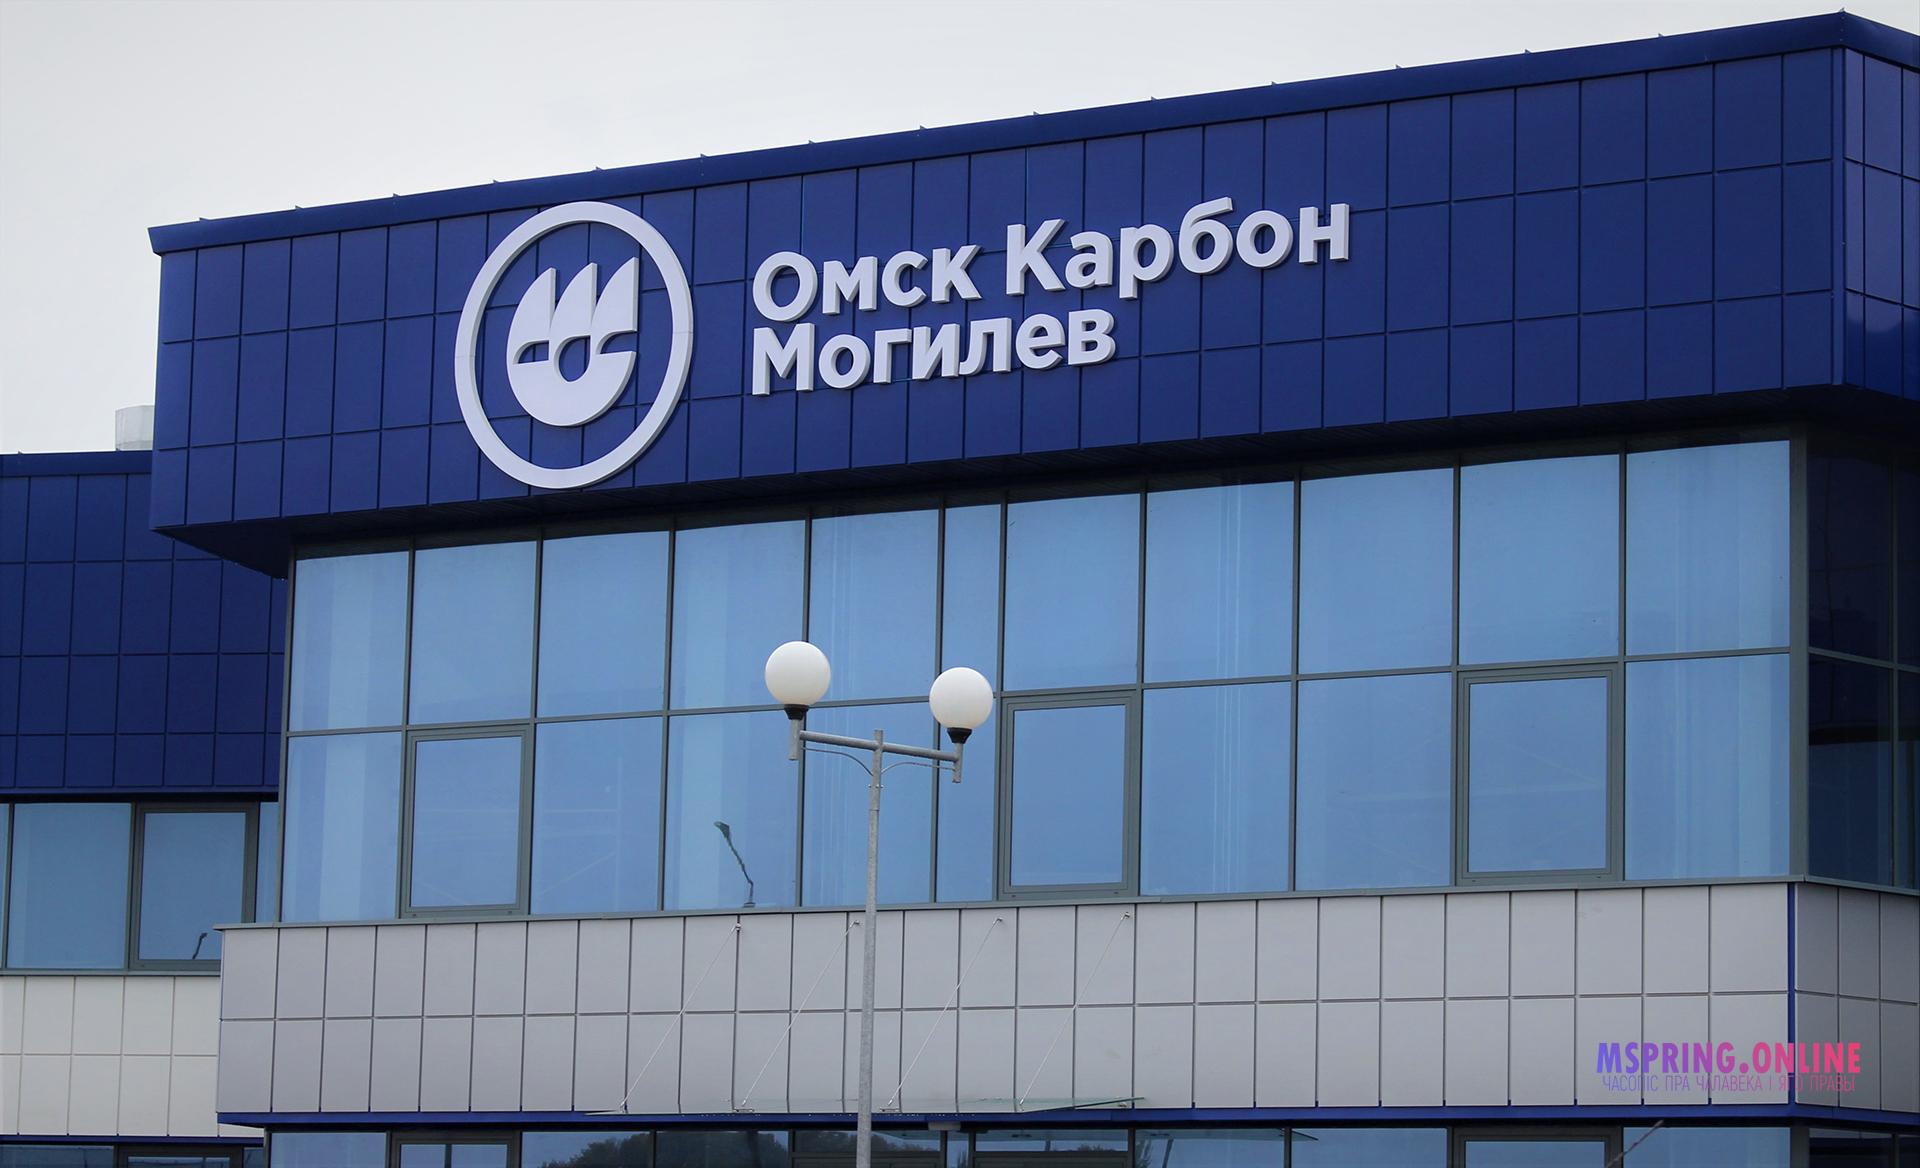 Кіраўніцтва «Омск Карбон» заявіла ў міліцыю, што эка-актывісты выбіваюць з іх грошы. А потым самі ж гэта абвергла